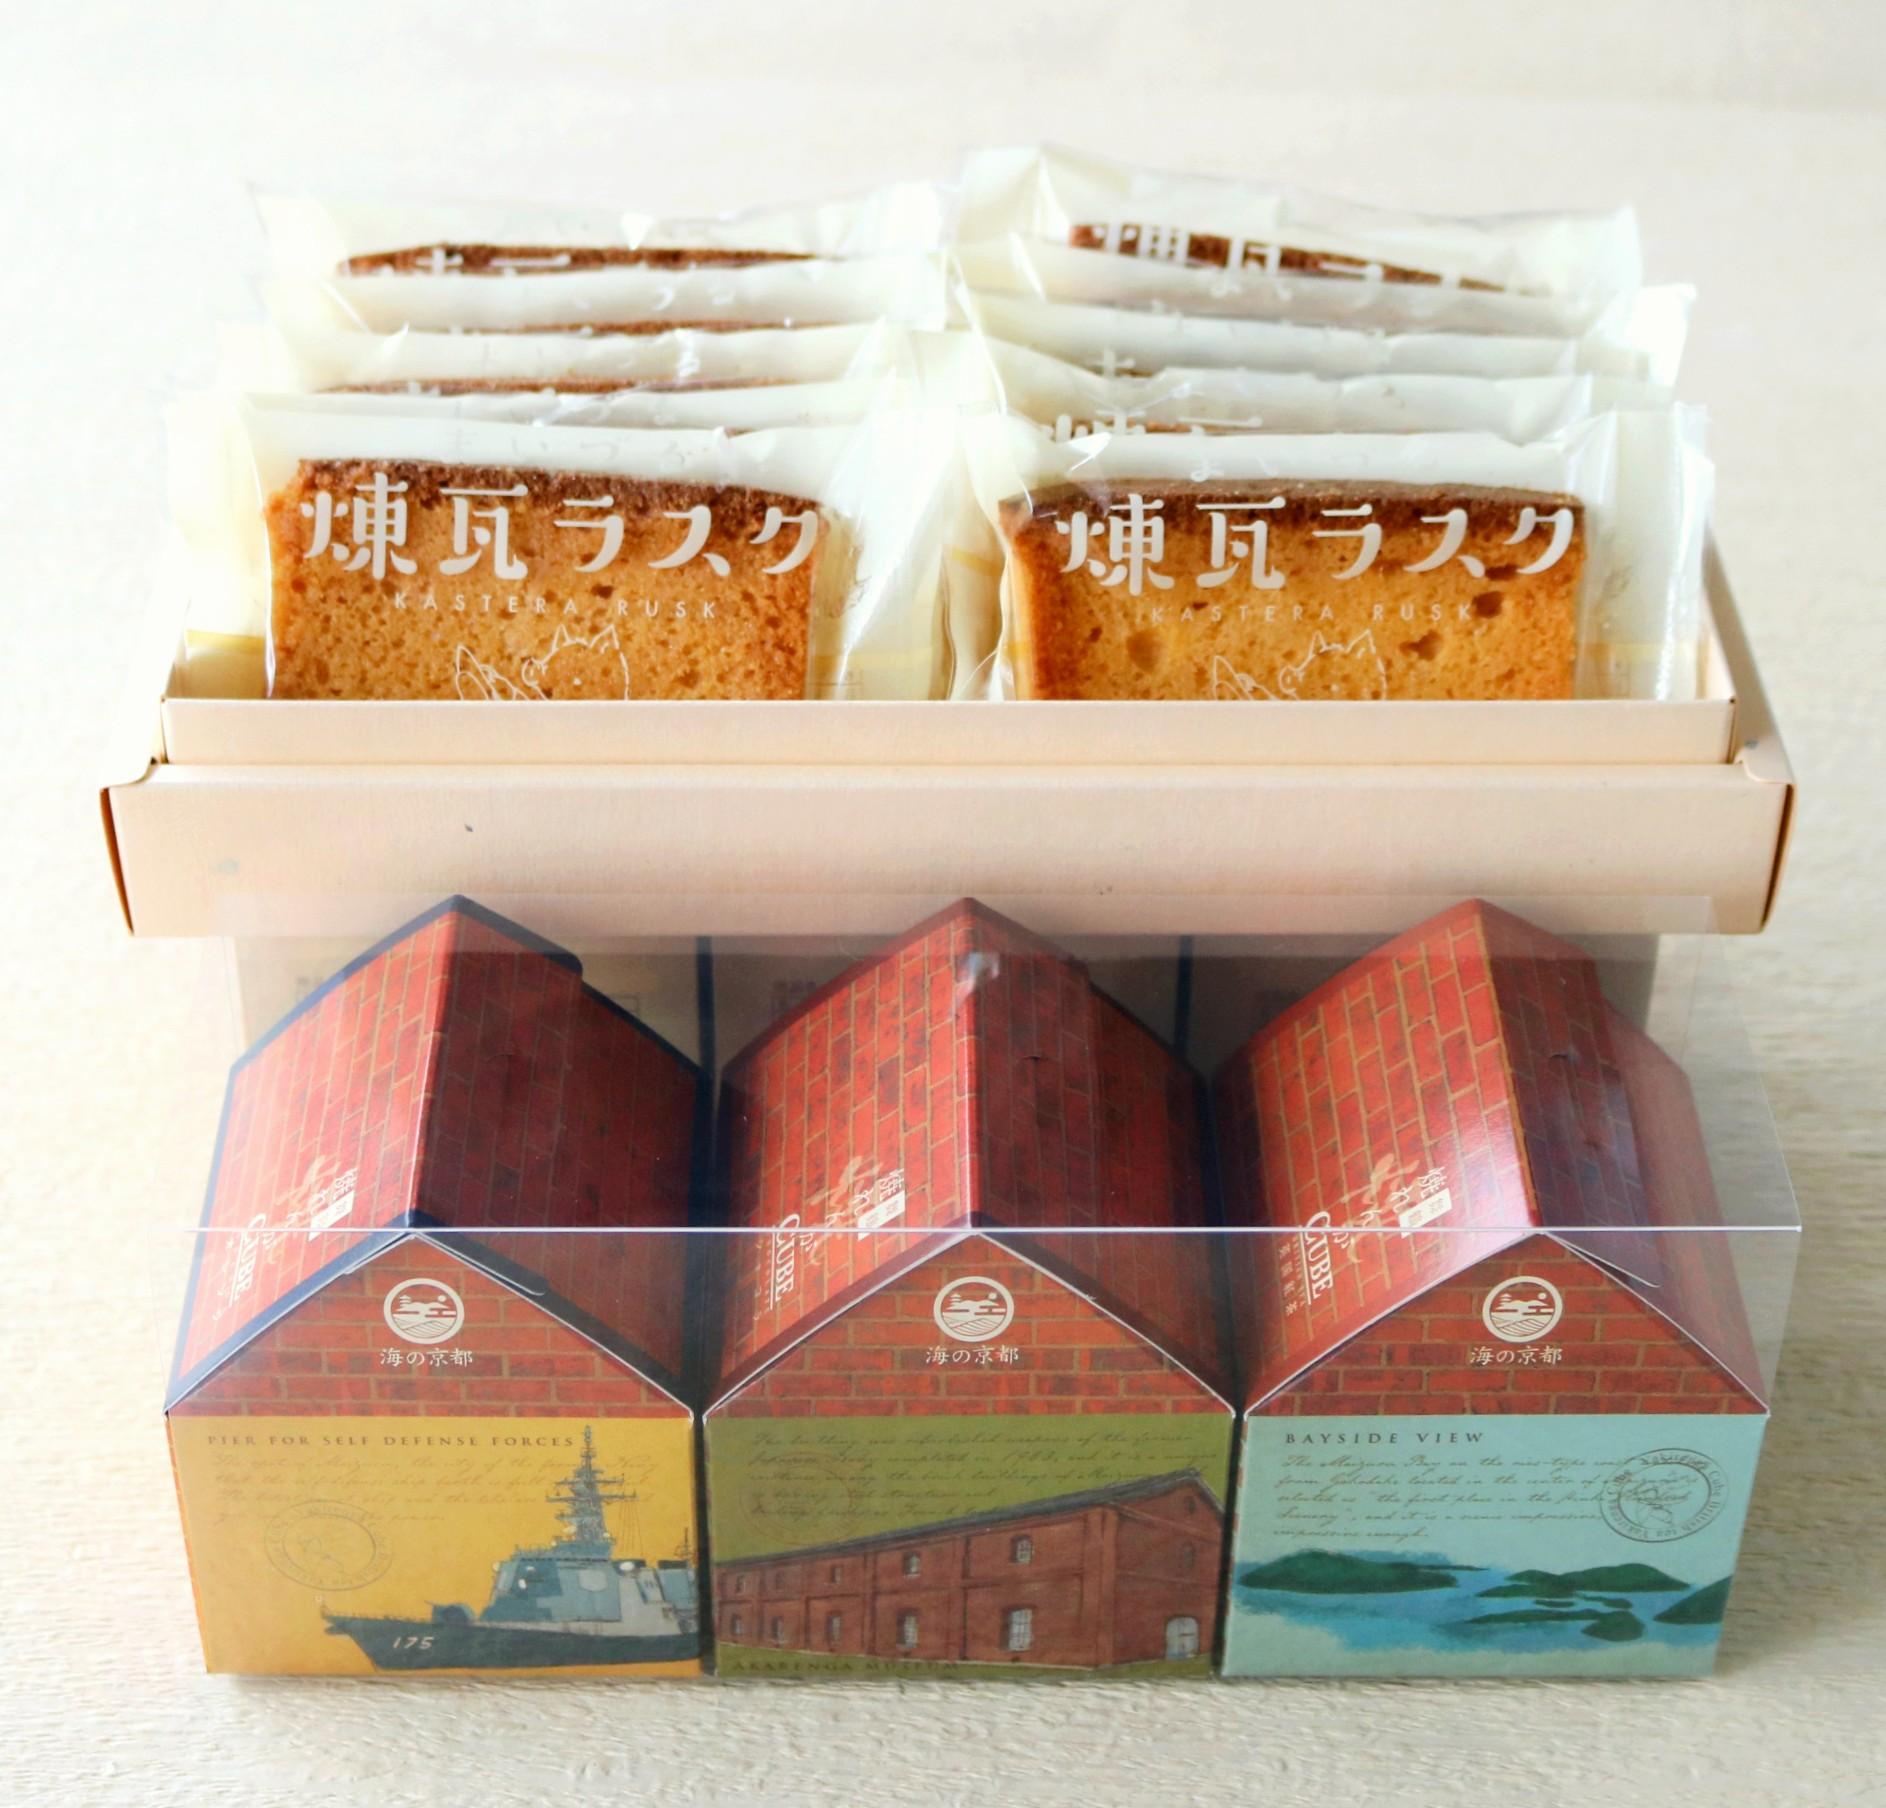 【ふるさと納税】舞鶴菓子セットB まいづる煉瓦ラスク 舞鶴焼れんがCUBE 母の日 ギフト プレゼント